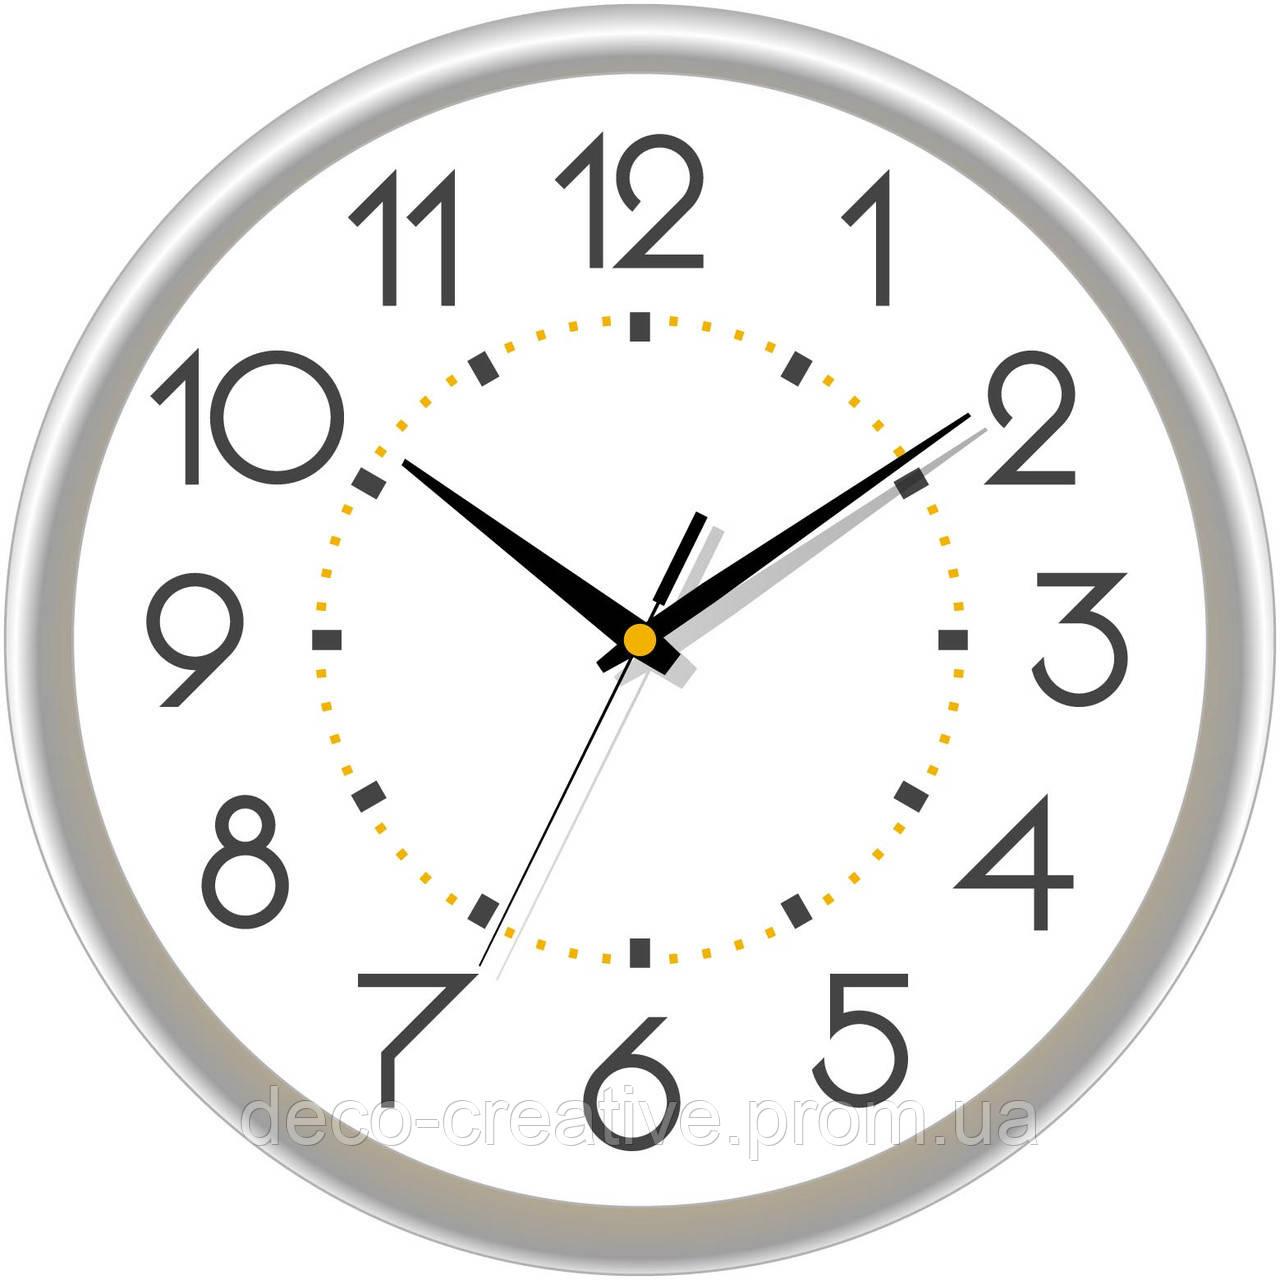 """Годинник настінний ЮТА """"Классика"""" 01 S 03 без лого"""